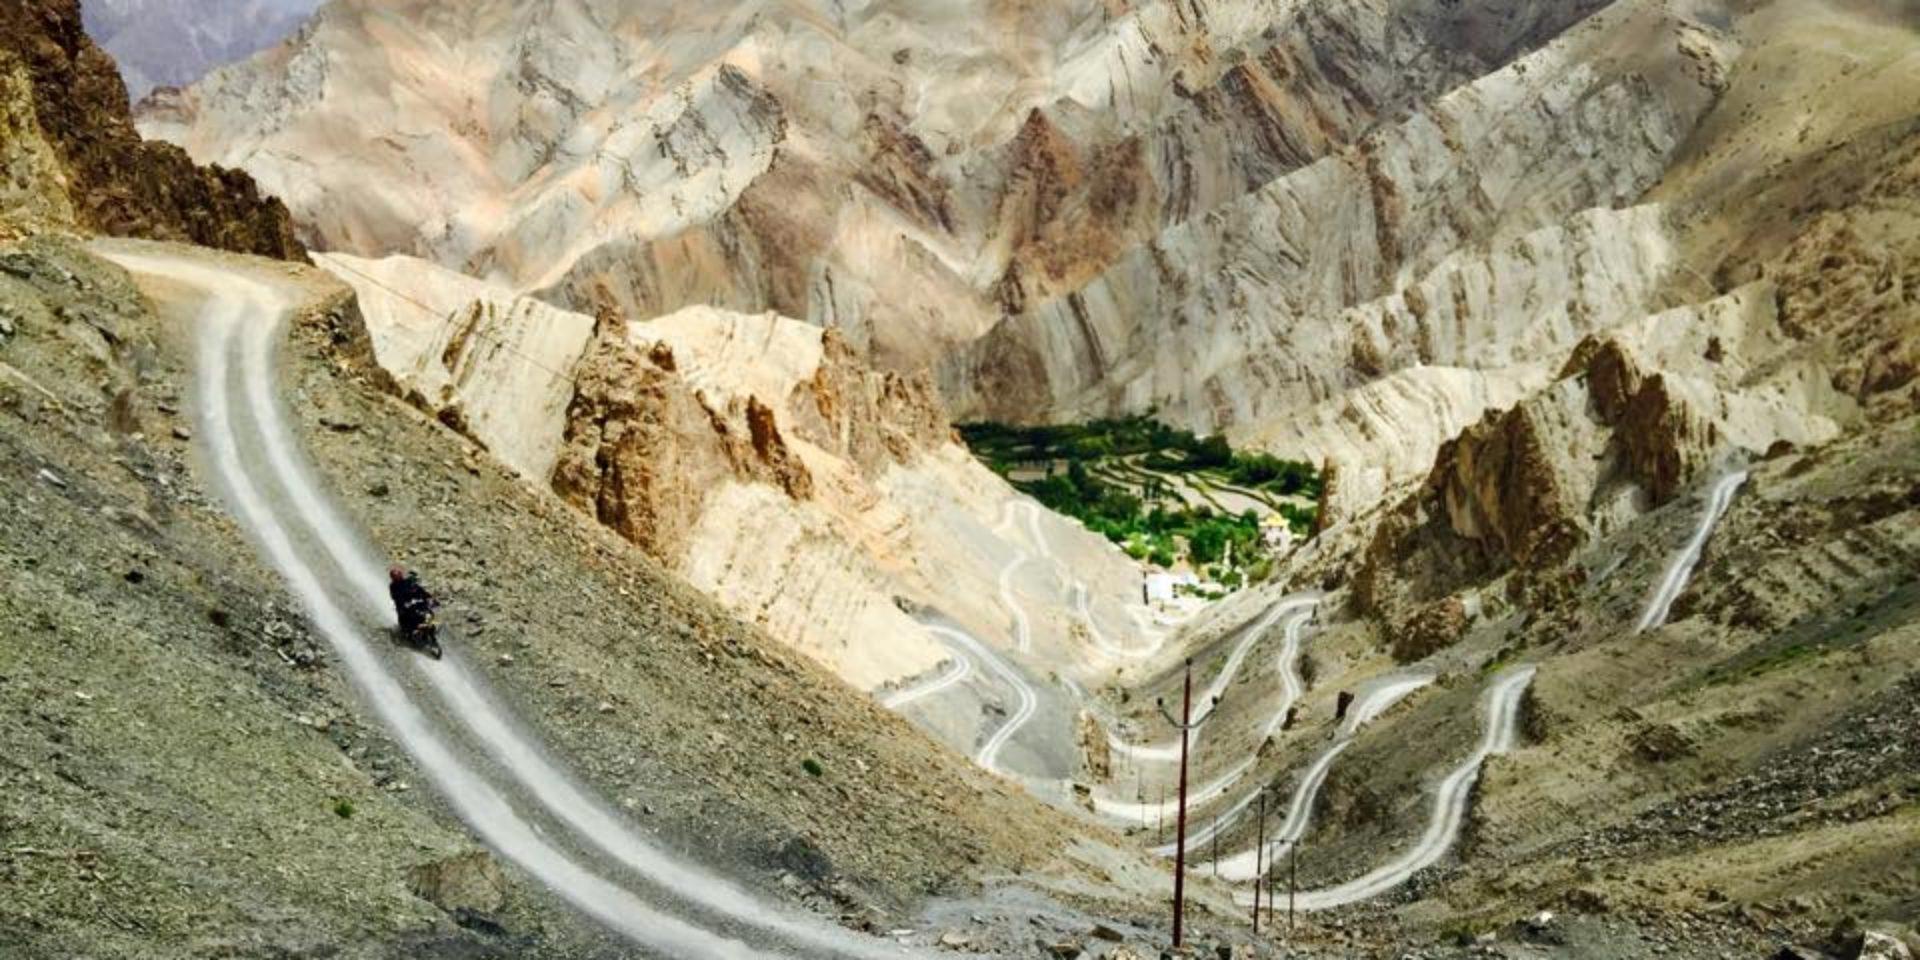 Motorrad-Roadtrip Himalaya - Oasen und Gipfel am Ende der Welt